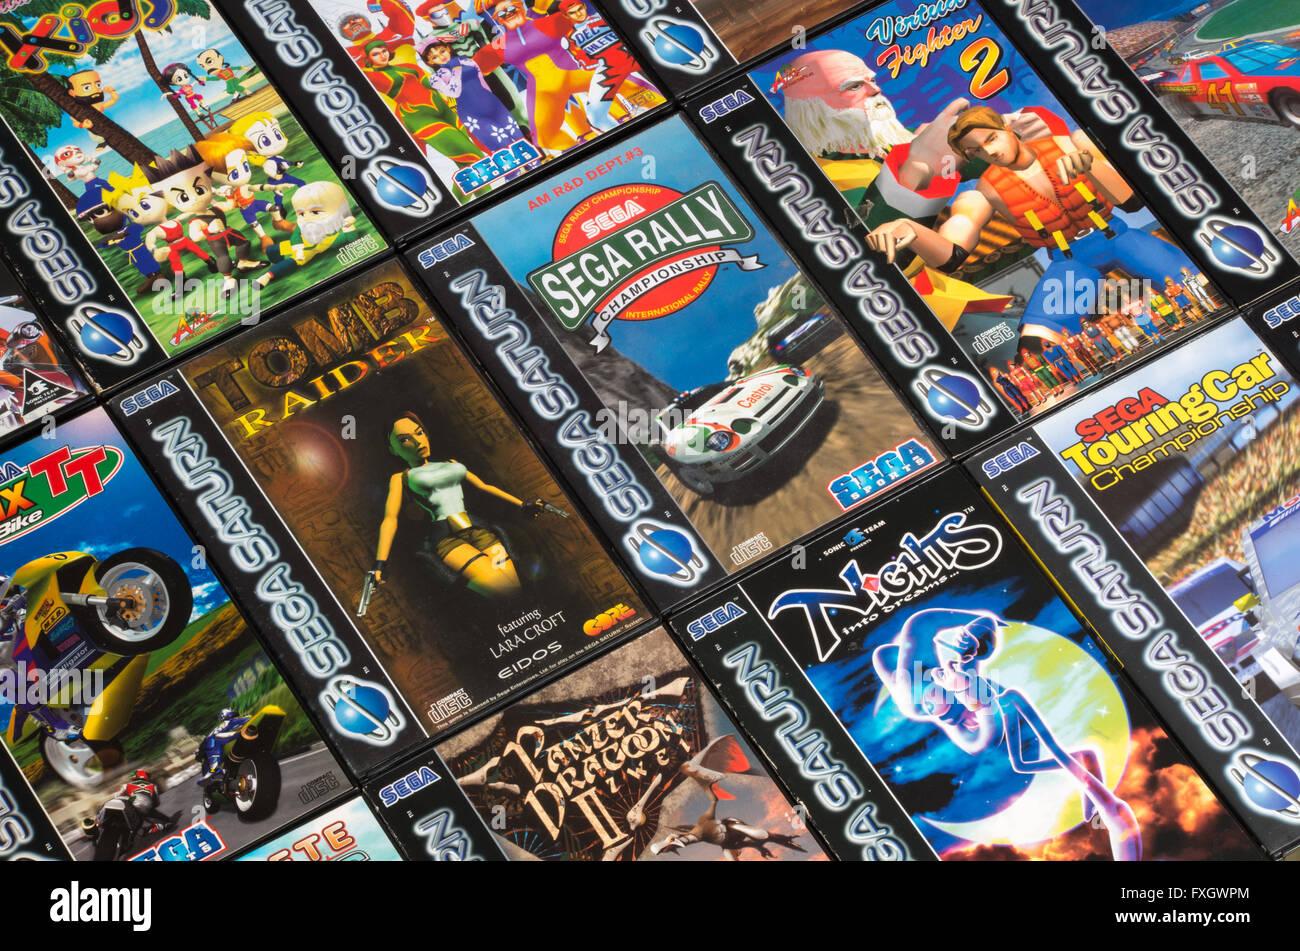 Pal Sega Saturn Juegos Establecidos En Una Cuadricula Incluyendo